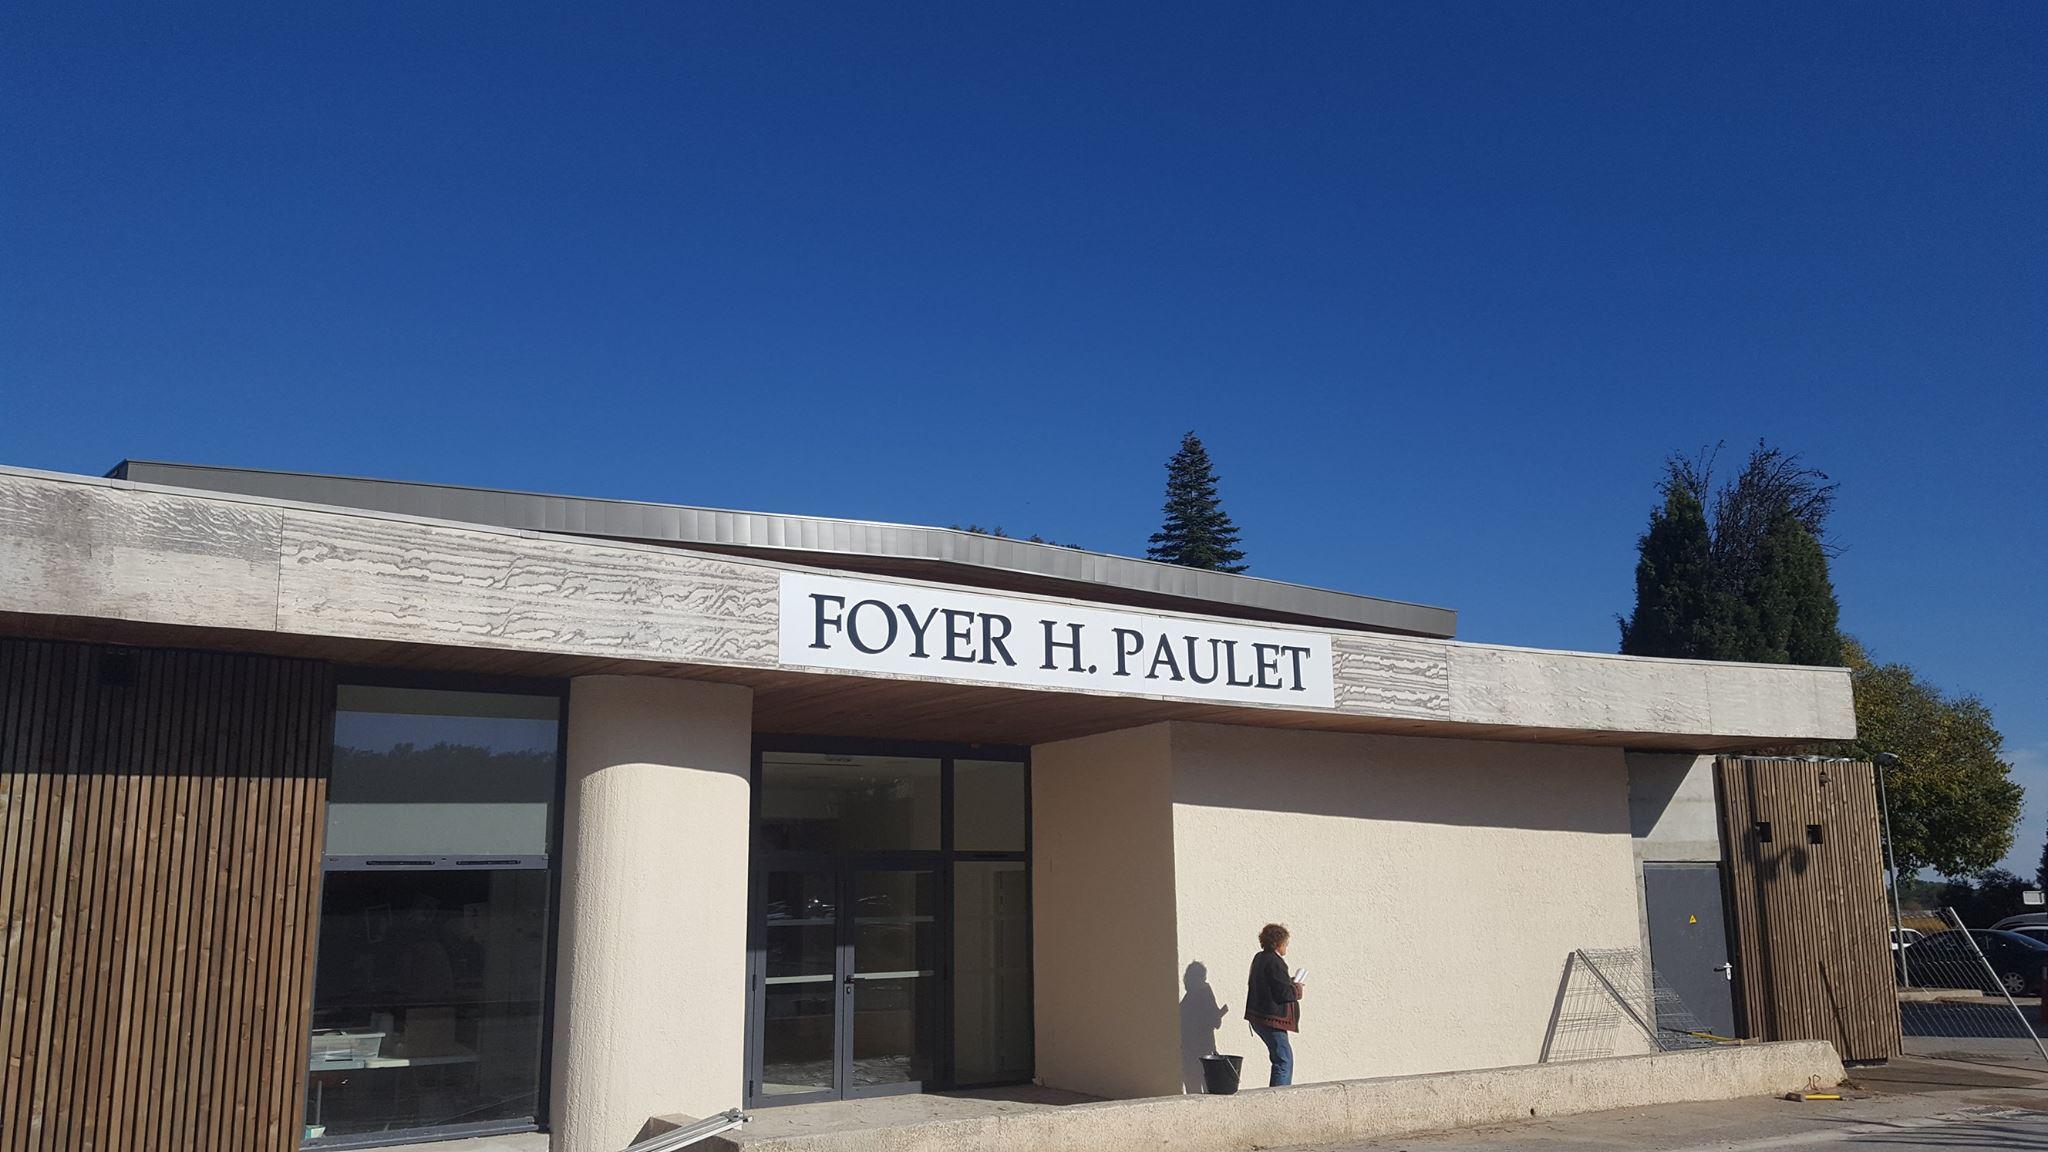 Foyer-H-Paulet